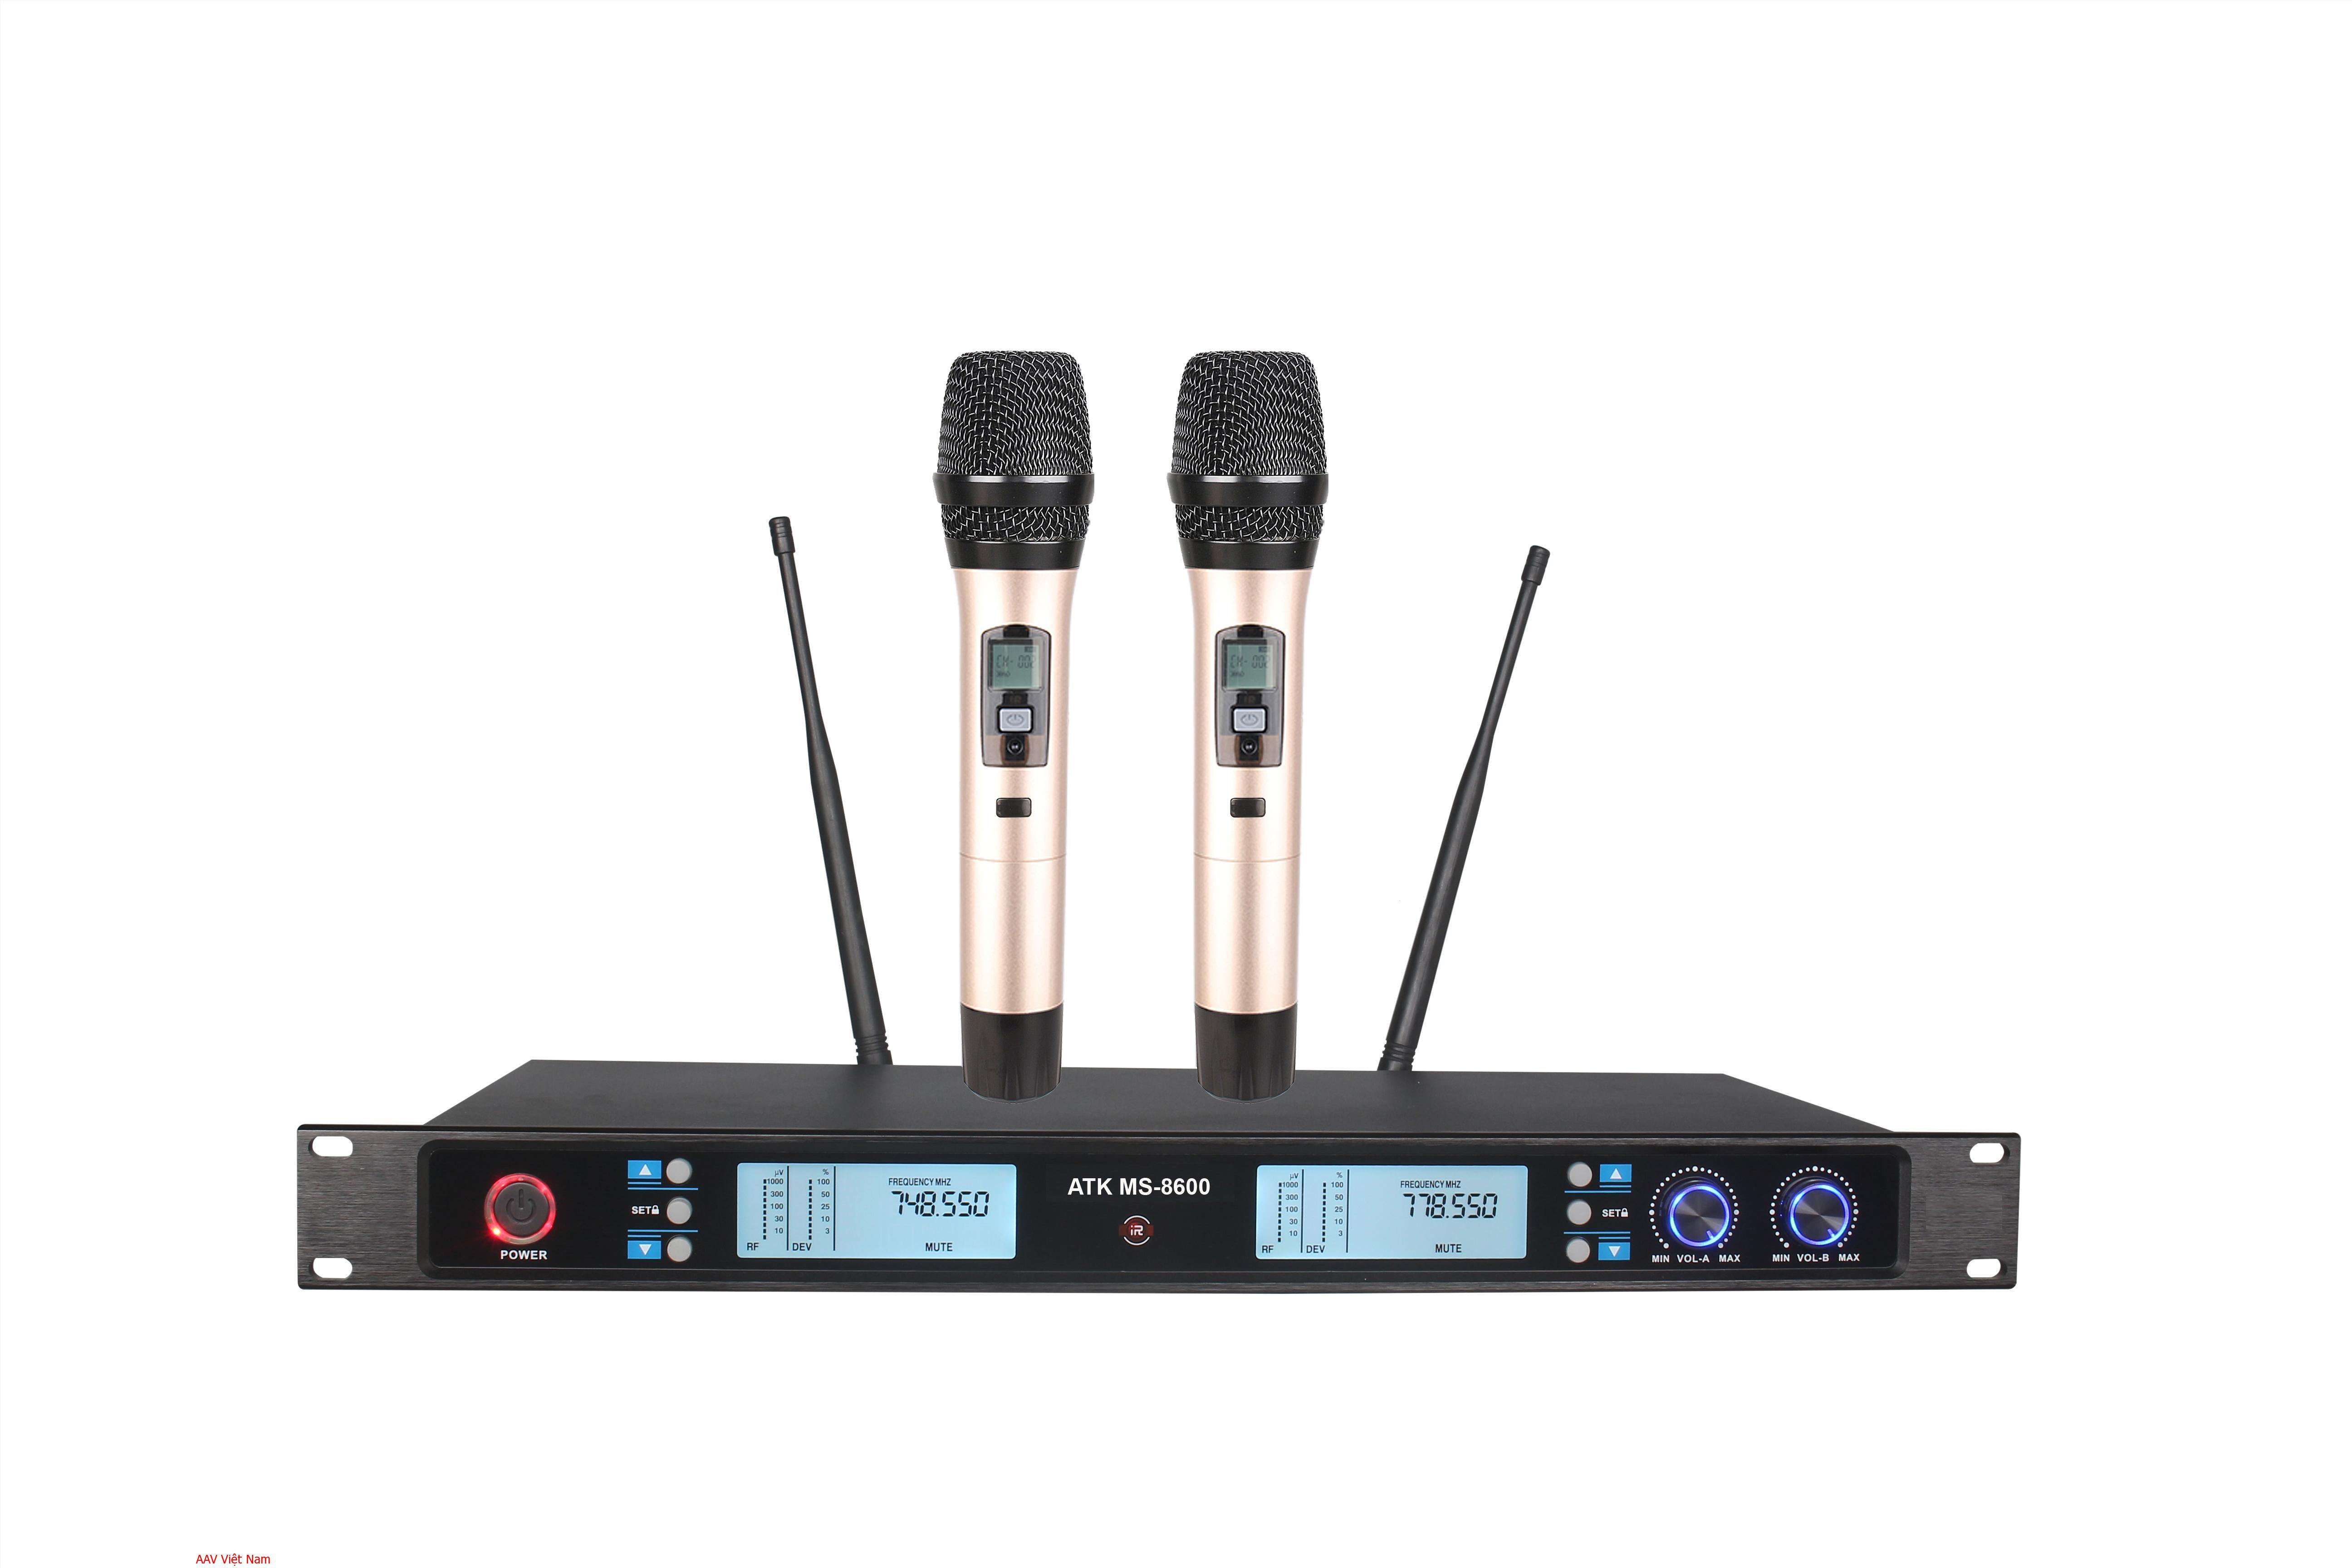 Micro không dây chất lượng cao bền đẹp chuẩn tiếng ATK MS-8600